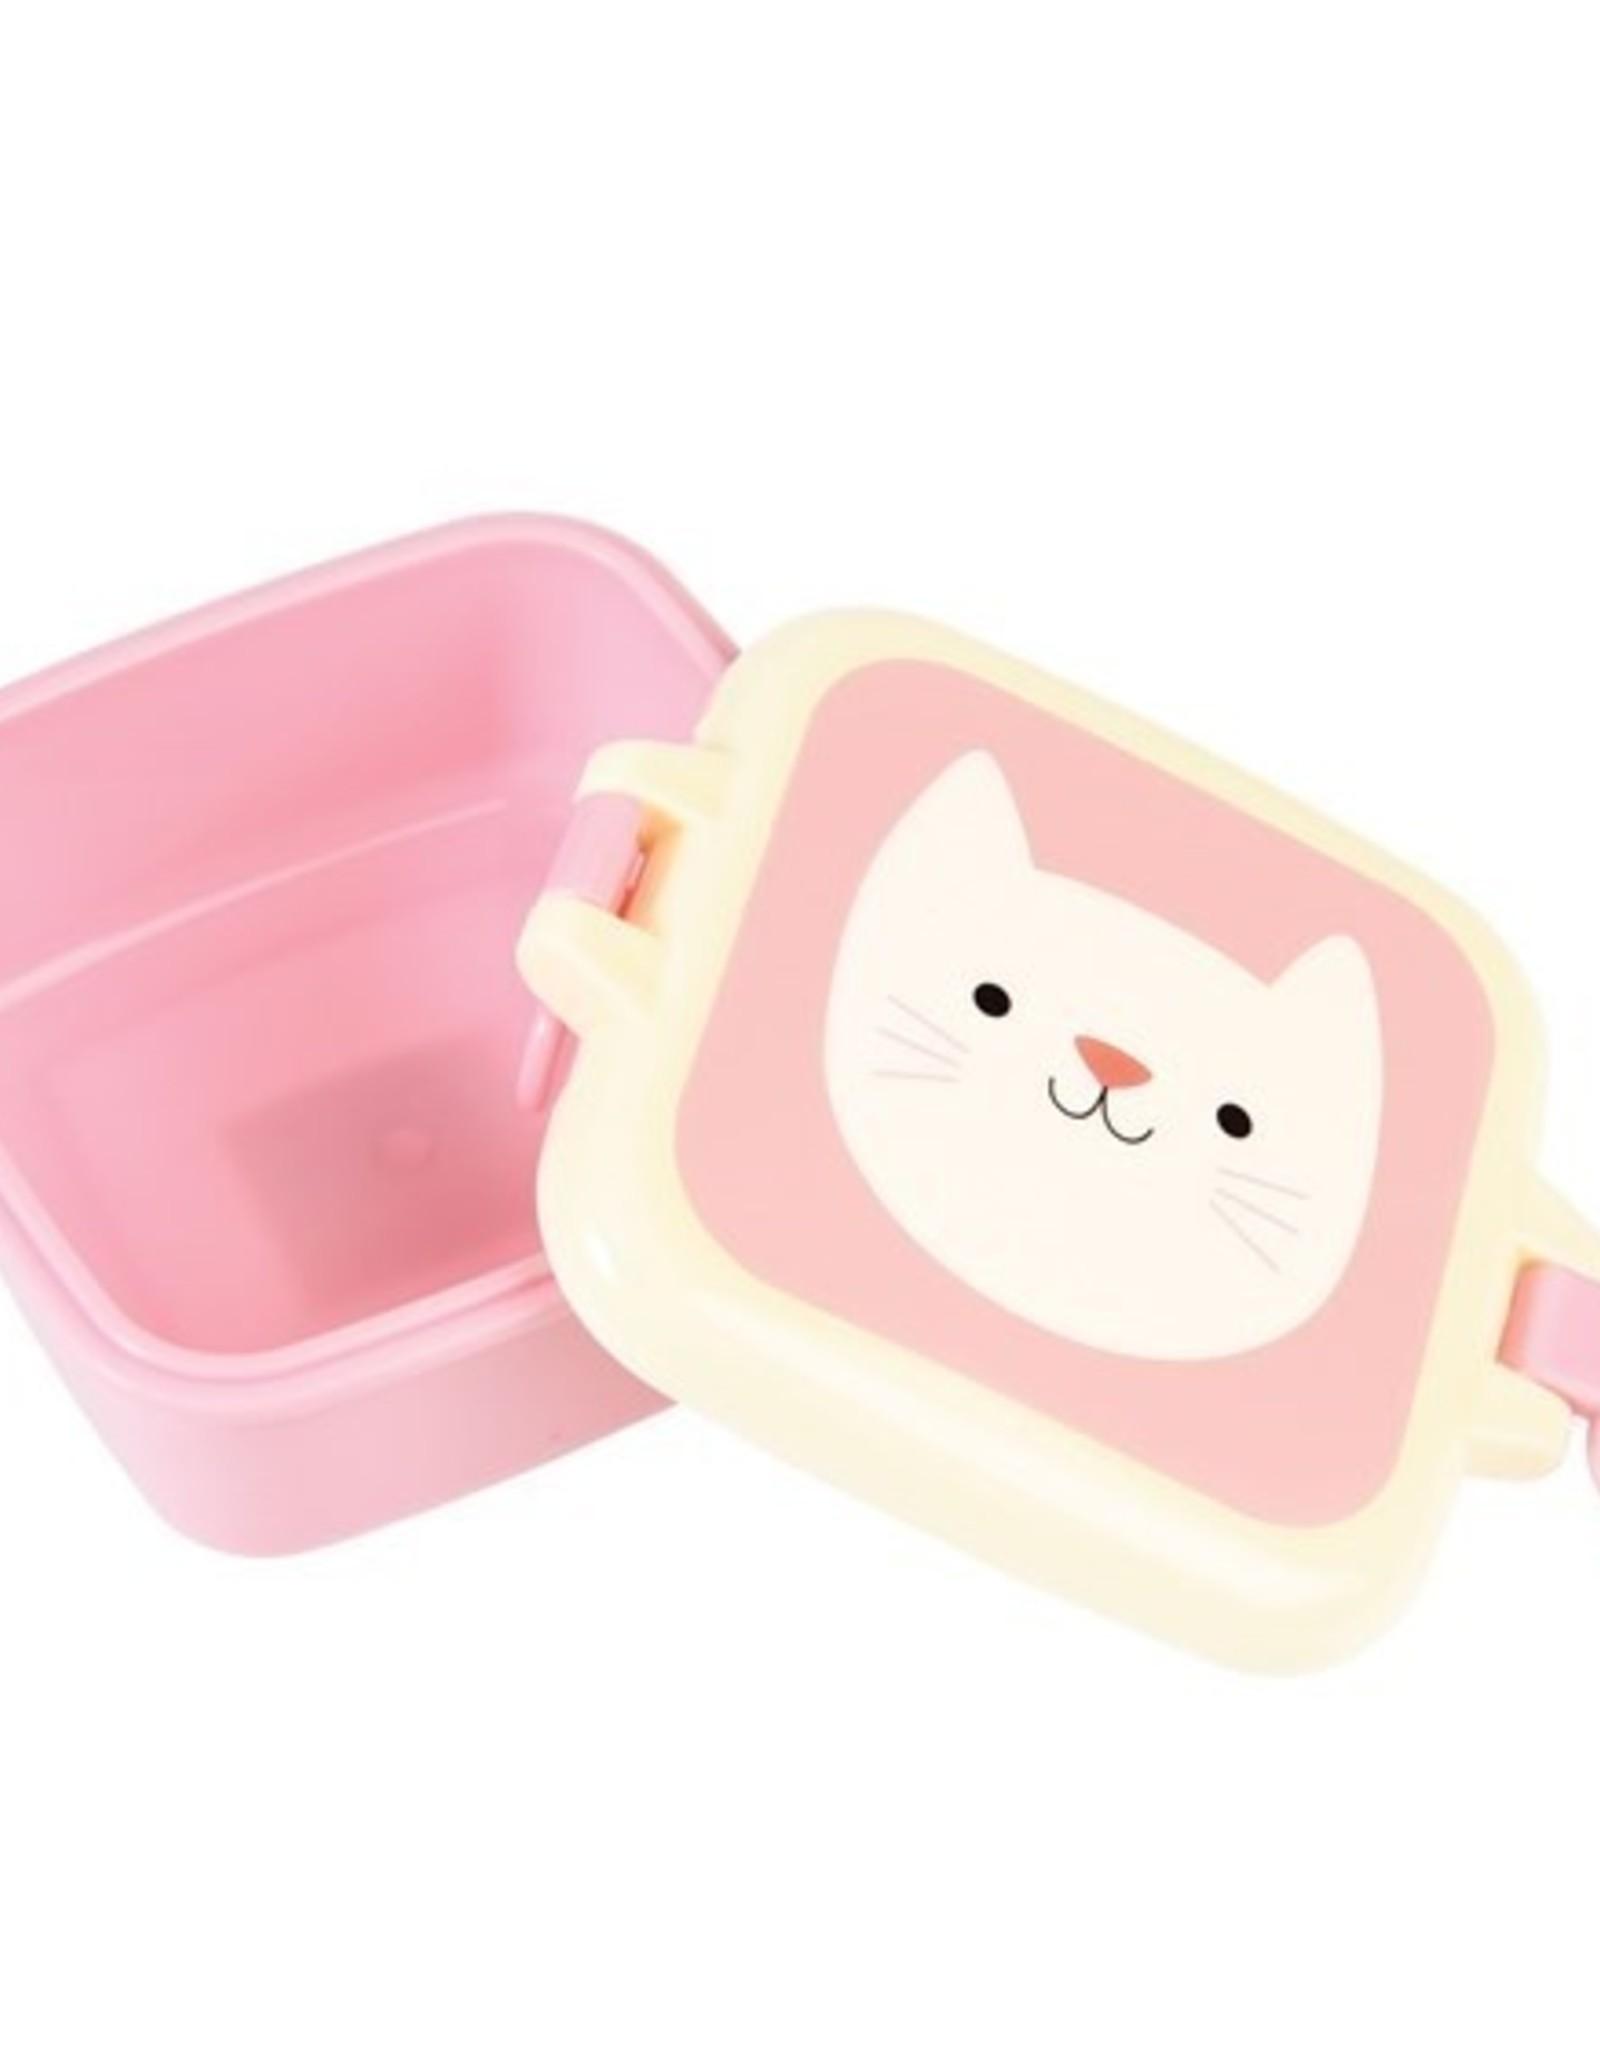 Rex London Mini snackdoosje - Cookie the cat